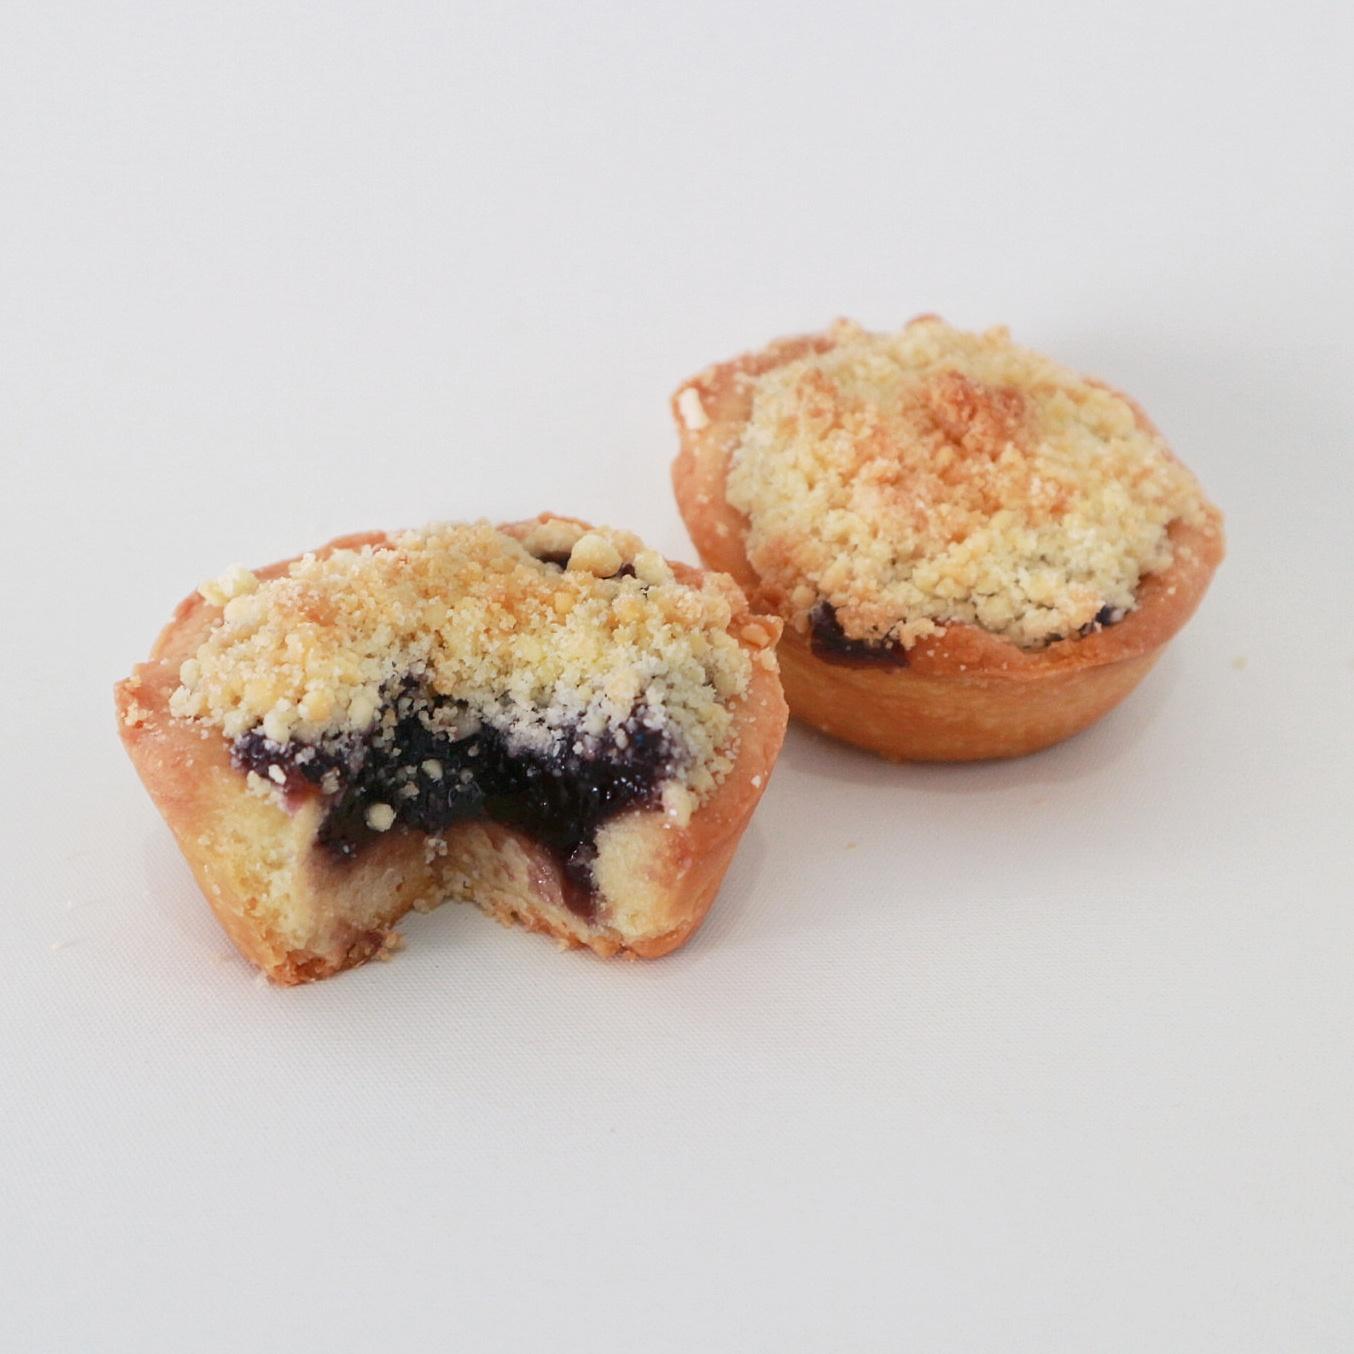 Mini Blueberry Crumble - Rp. 83.000,- / 12pcs